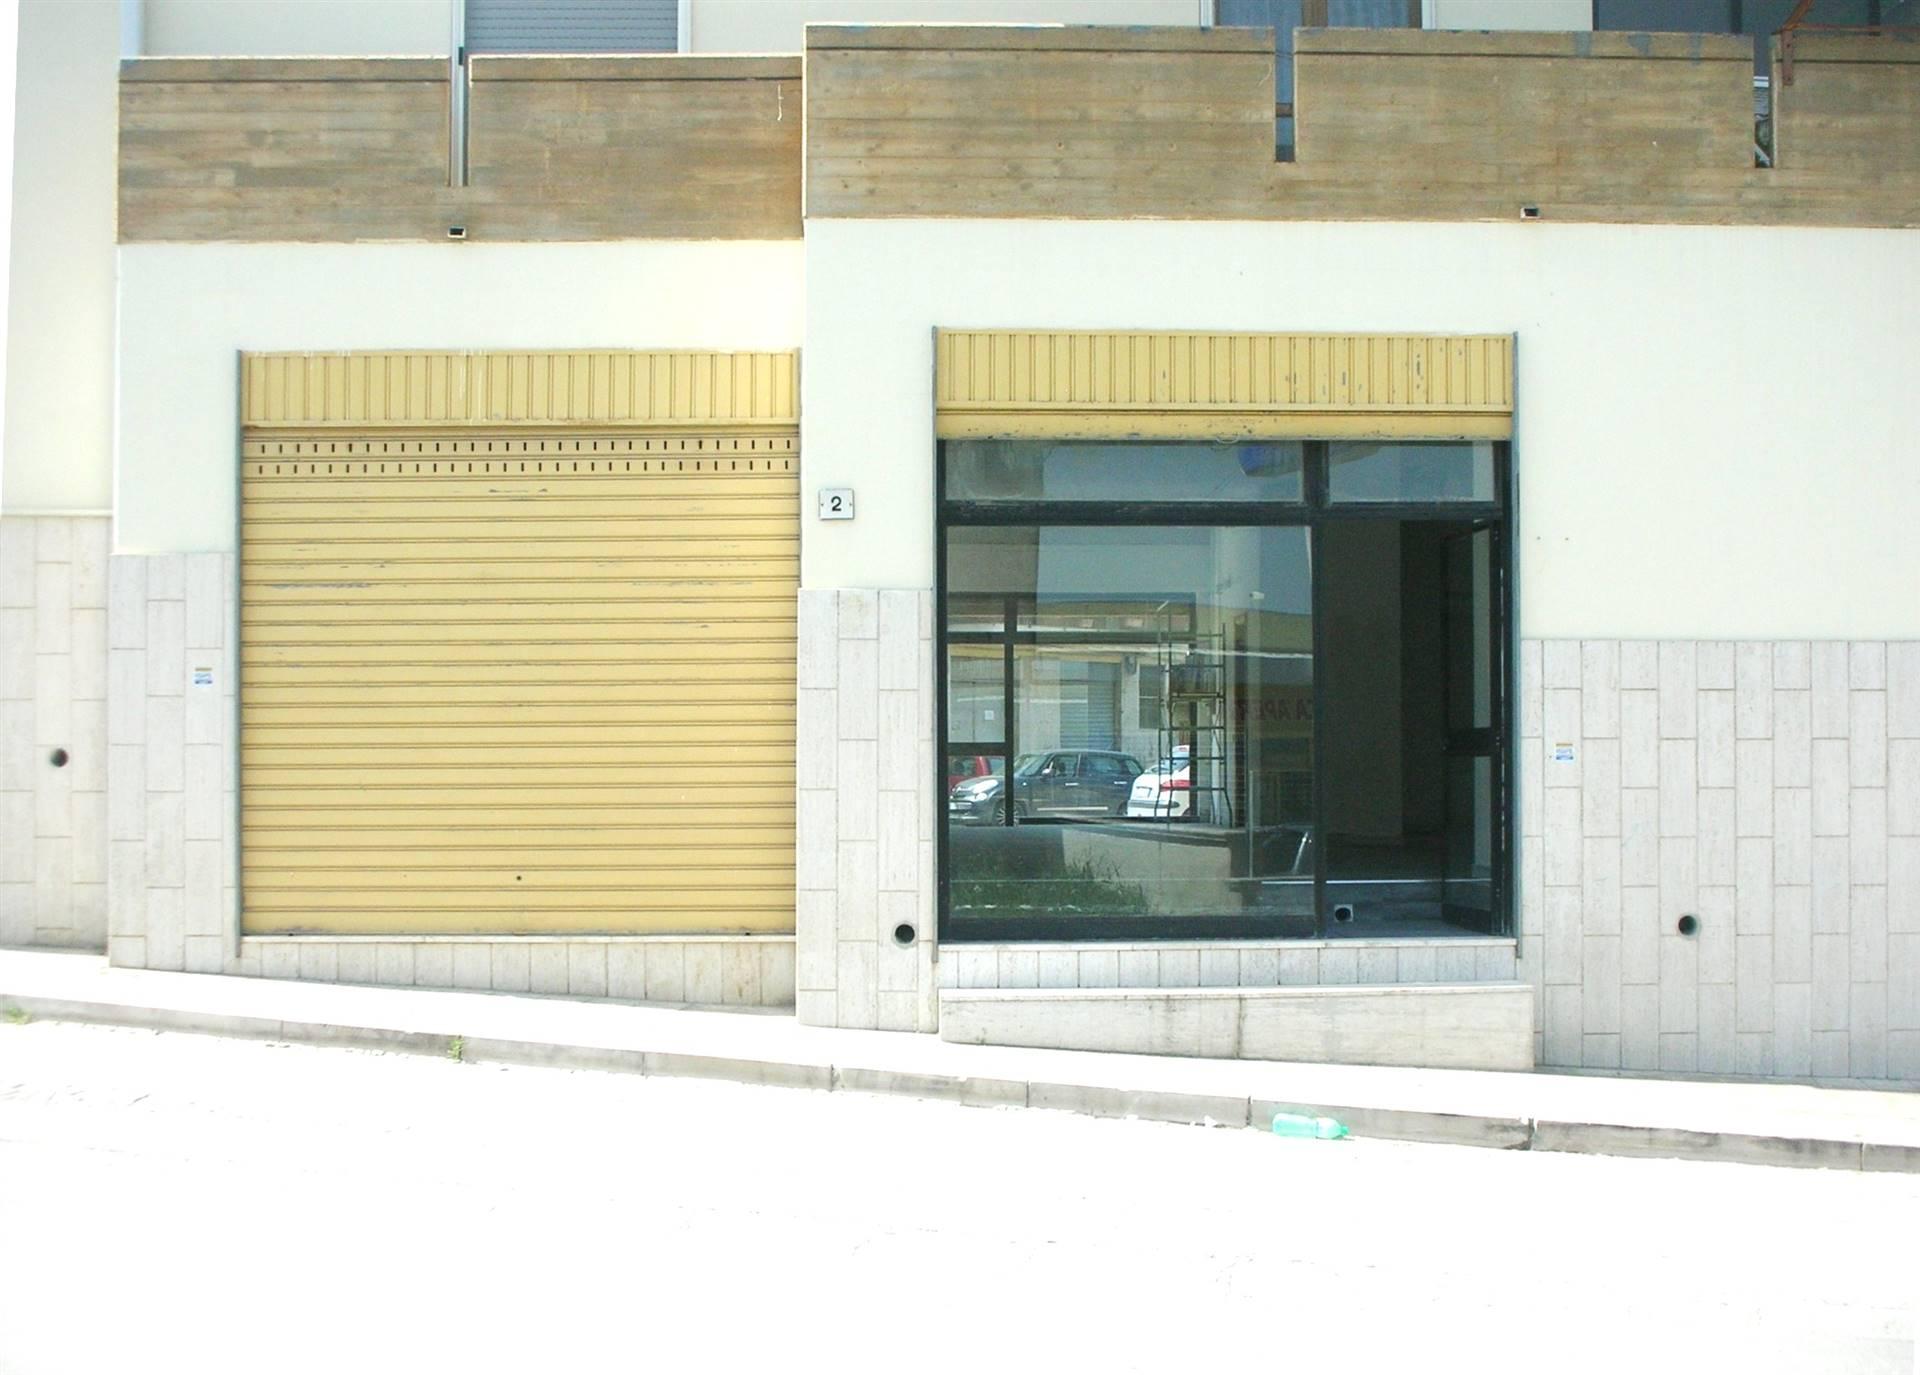 Immobile Commerciale in affitto a Canosa di Puglia, 9999 locali, prezzo € 800   PortaleAgenzieImmobiliari.it